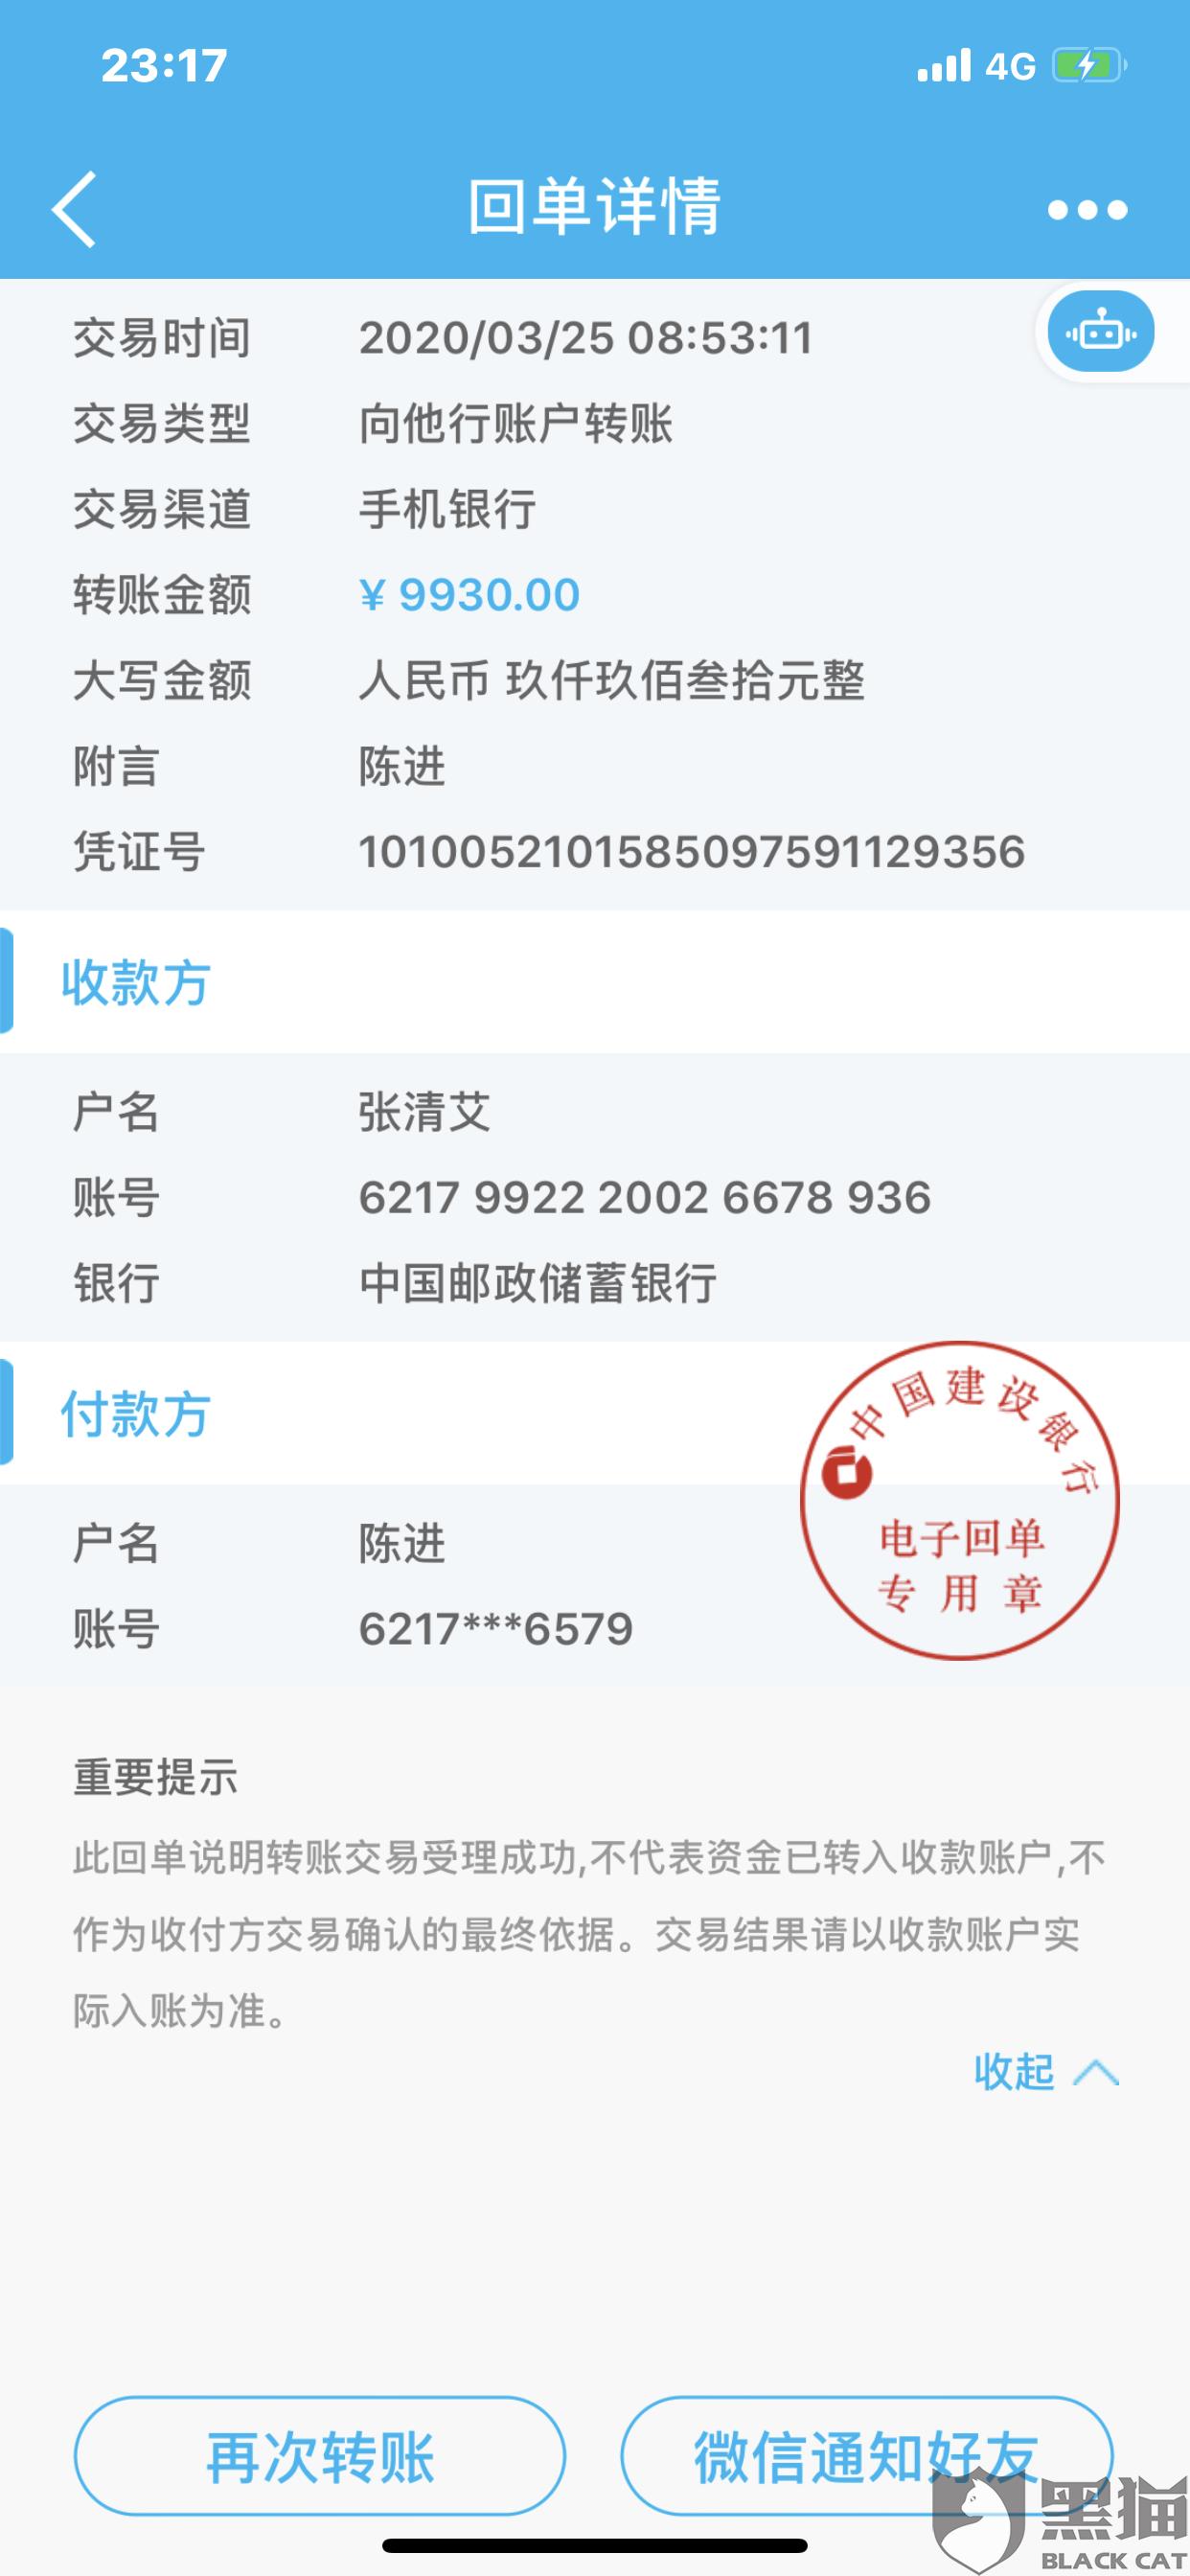 黑猫投诉:投资理财app无故下架 高丰投资